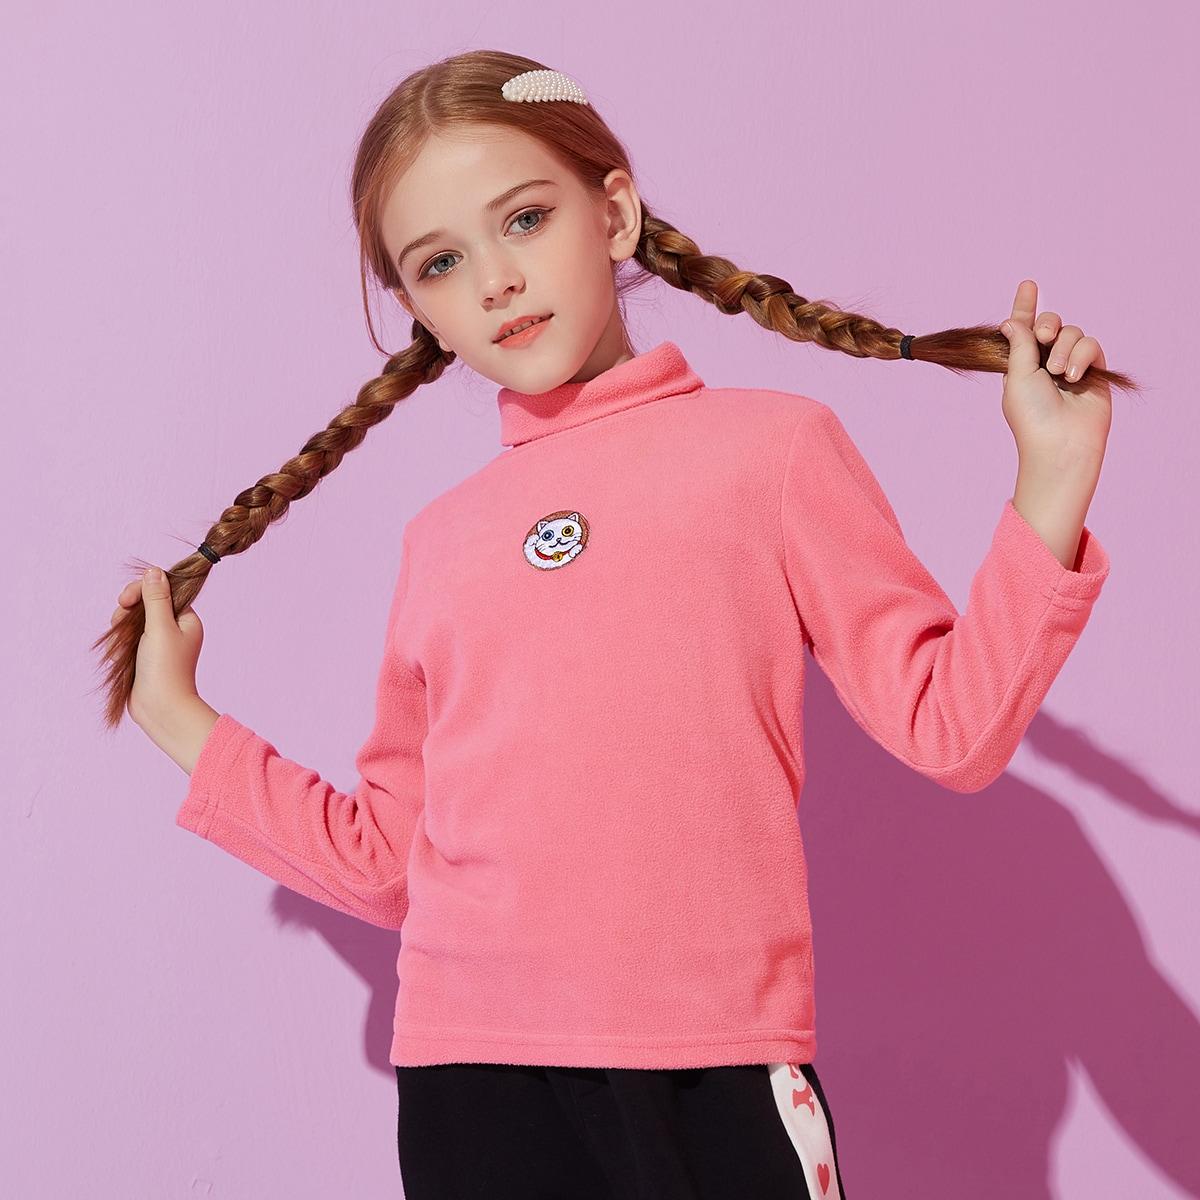 Вышивка с карикатурой повседневный футболки для девочек